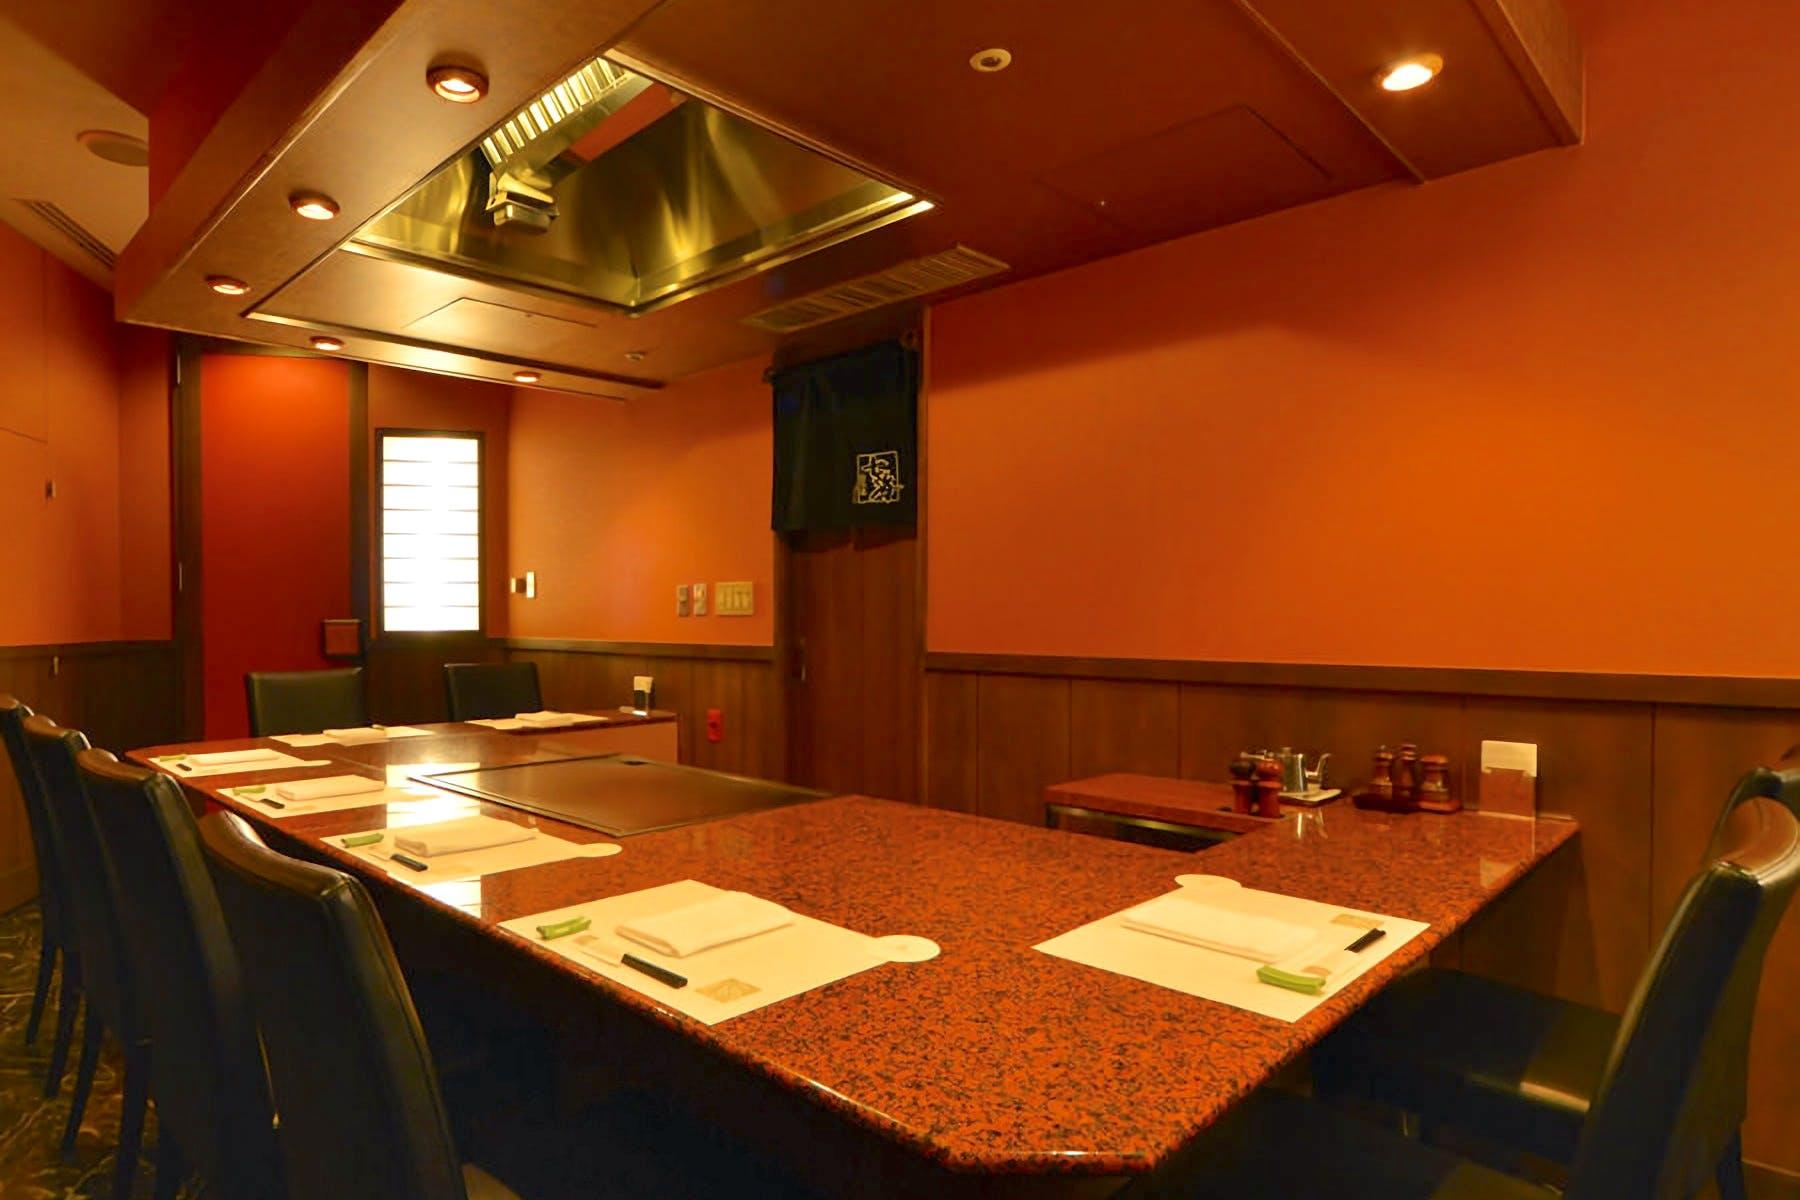 幕張 レストラン アパホテル